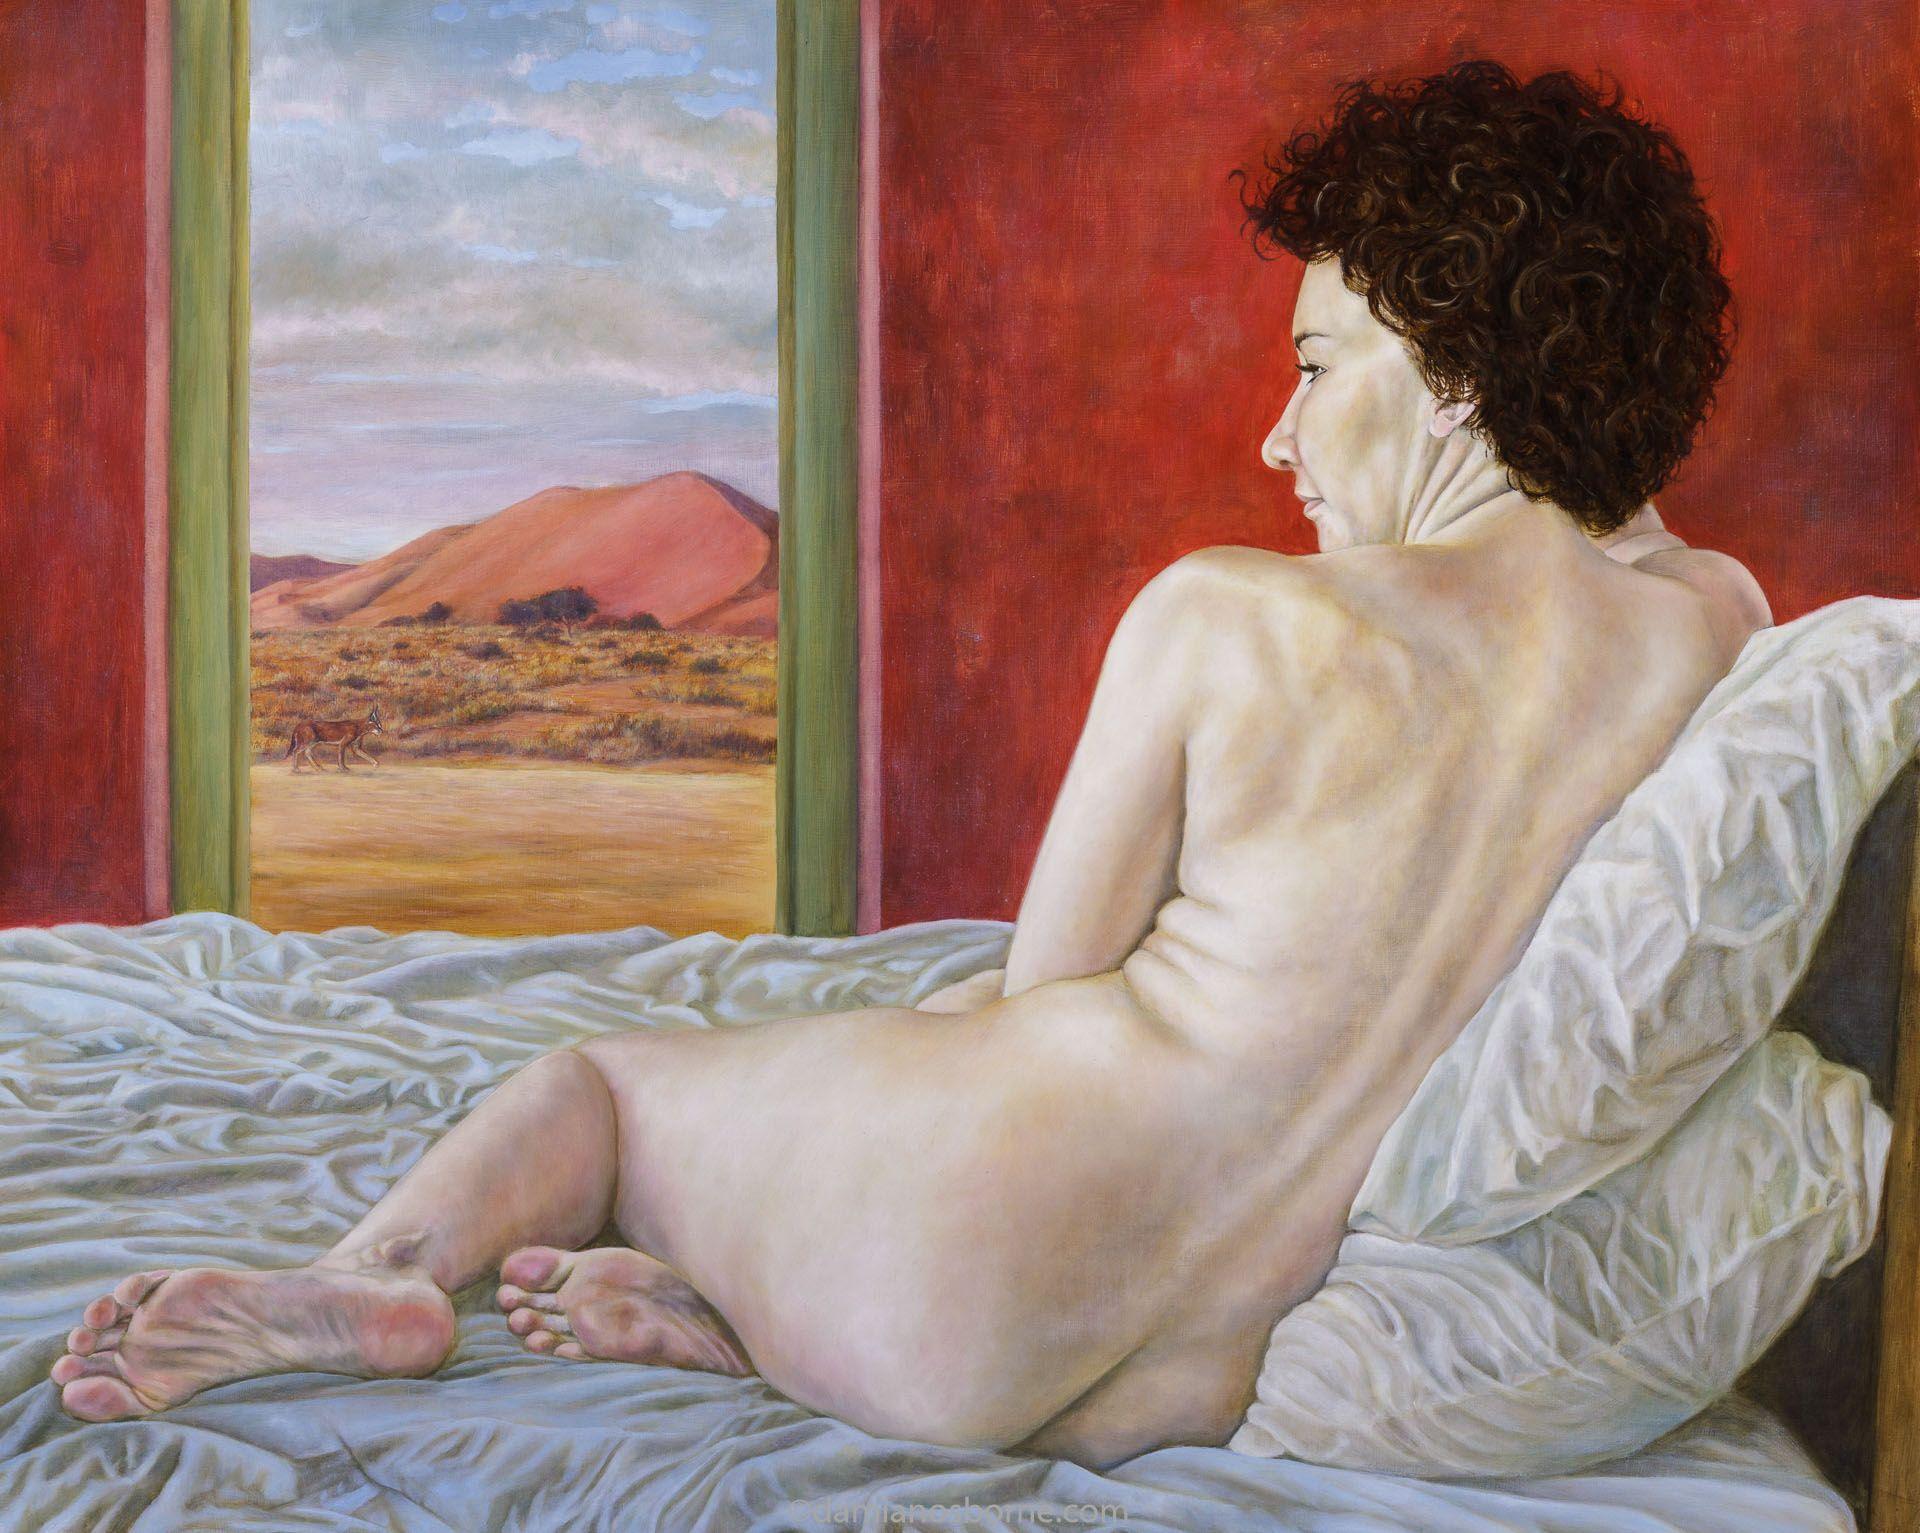 Desert Daydreams by Damian Osborne, oil on board, 77 x 96 cm, 2015-figure painting